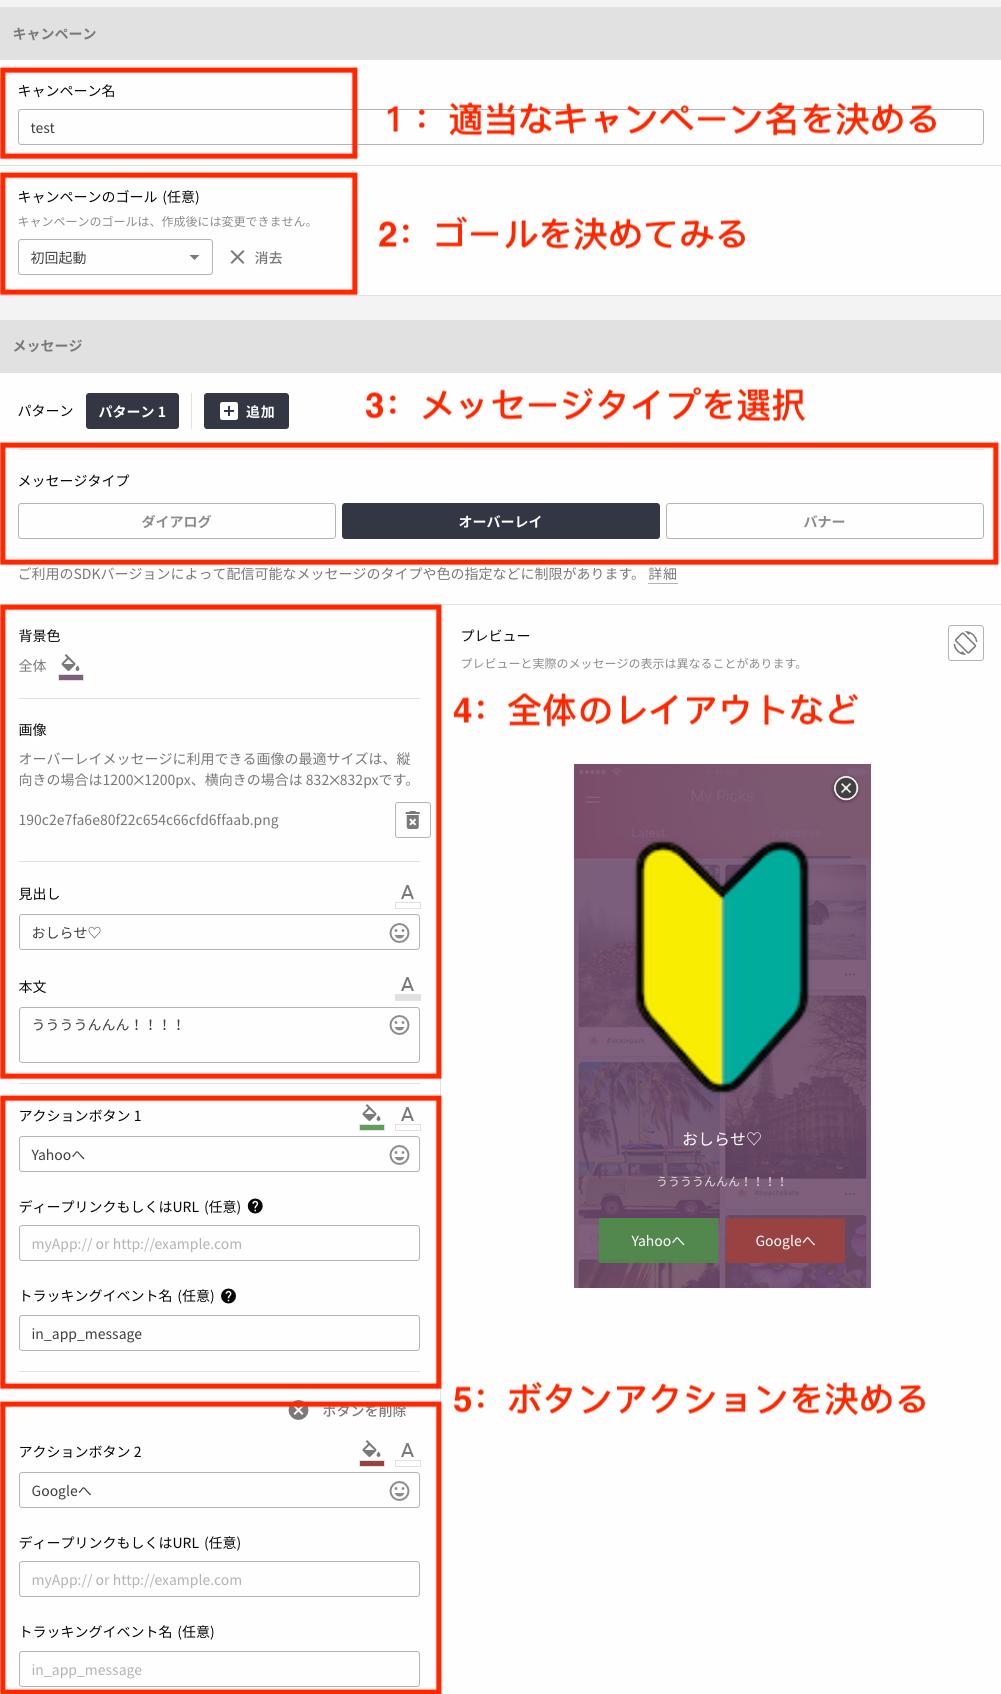 FireShot Capture 7 - 新しいアプリ内メッセージの作成 I Cin_ - https___app.repro.io_apps_y6w5kn69_in_app_messages_new.png